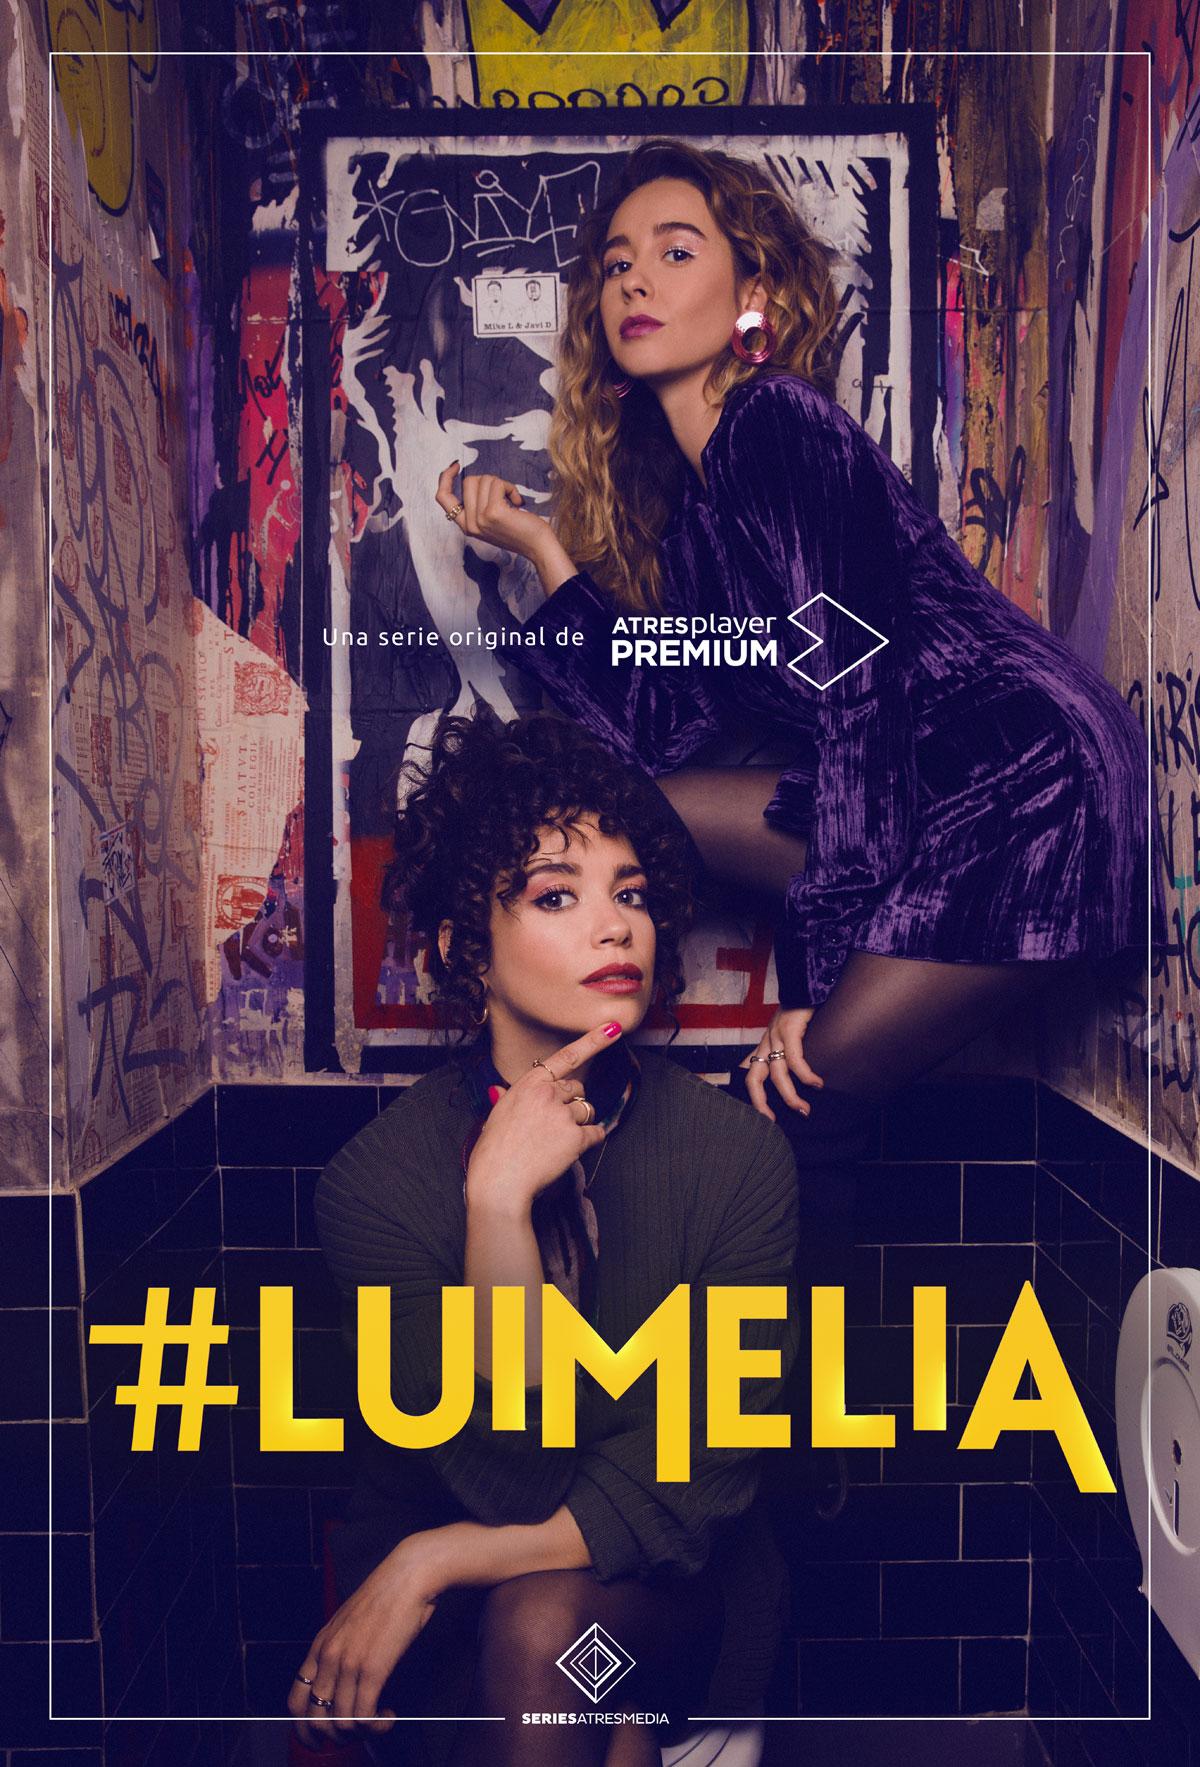 Luimelia Temporada 3 - SensaCine.com.mx